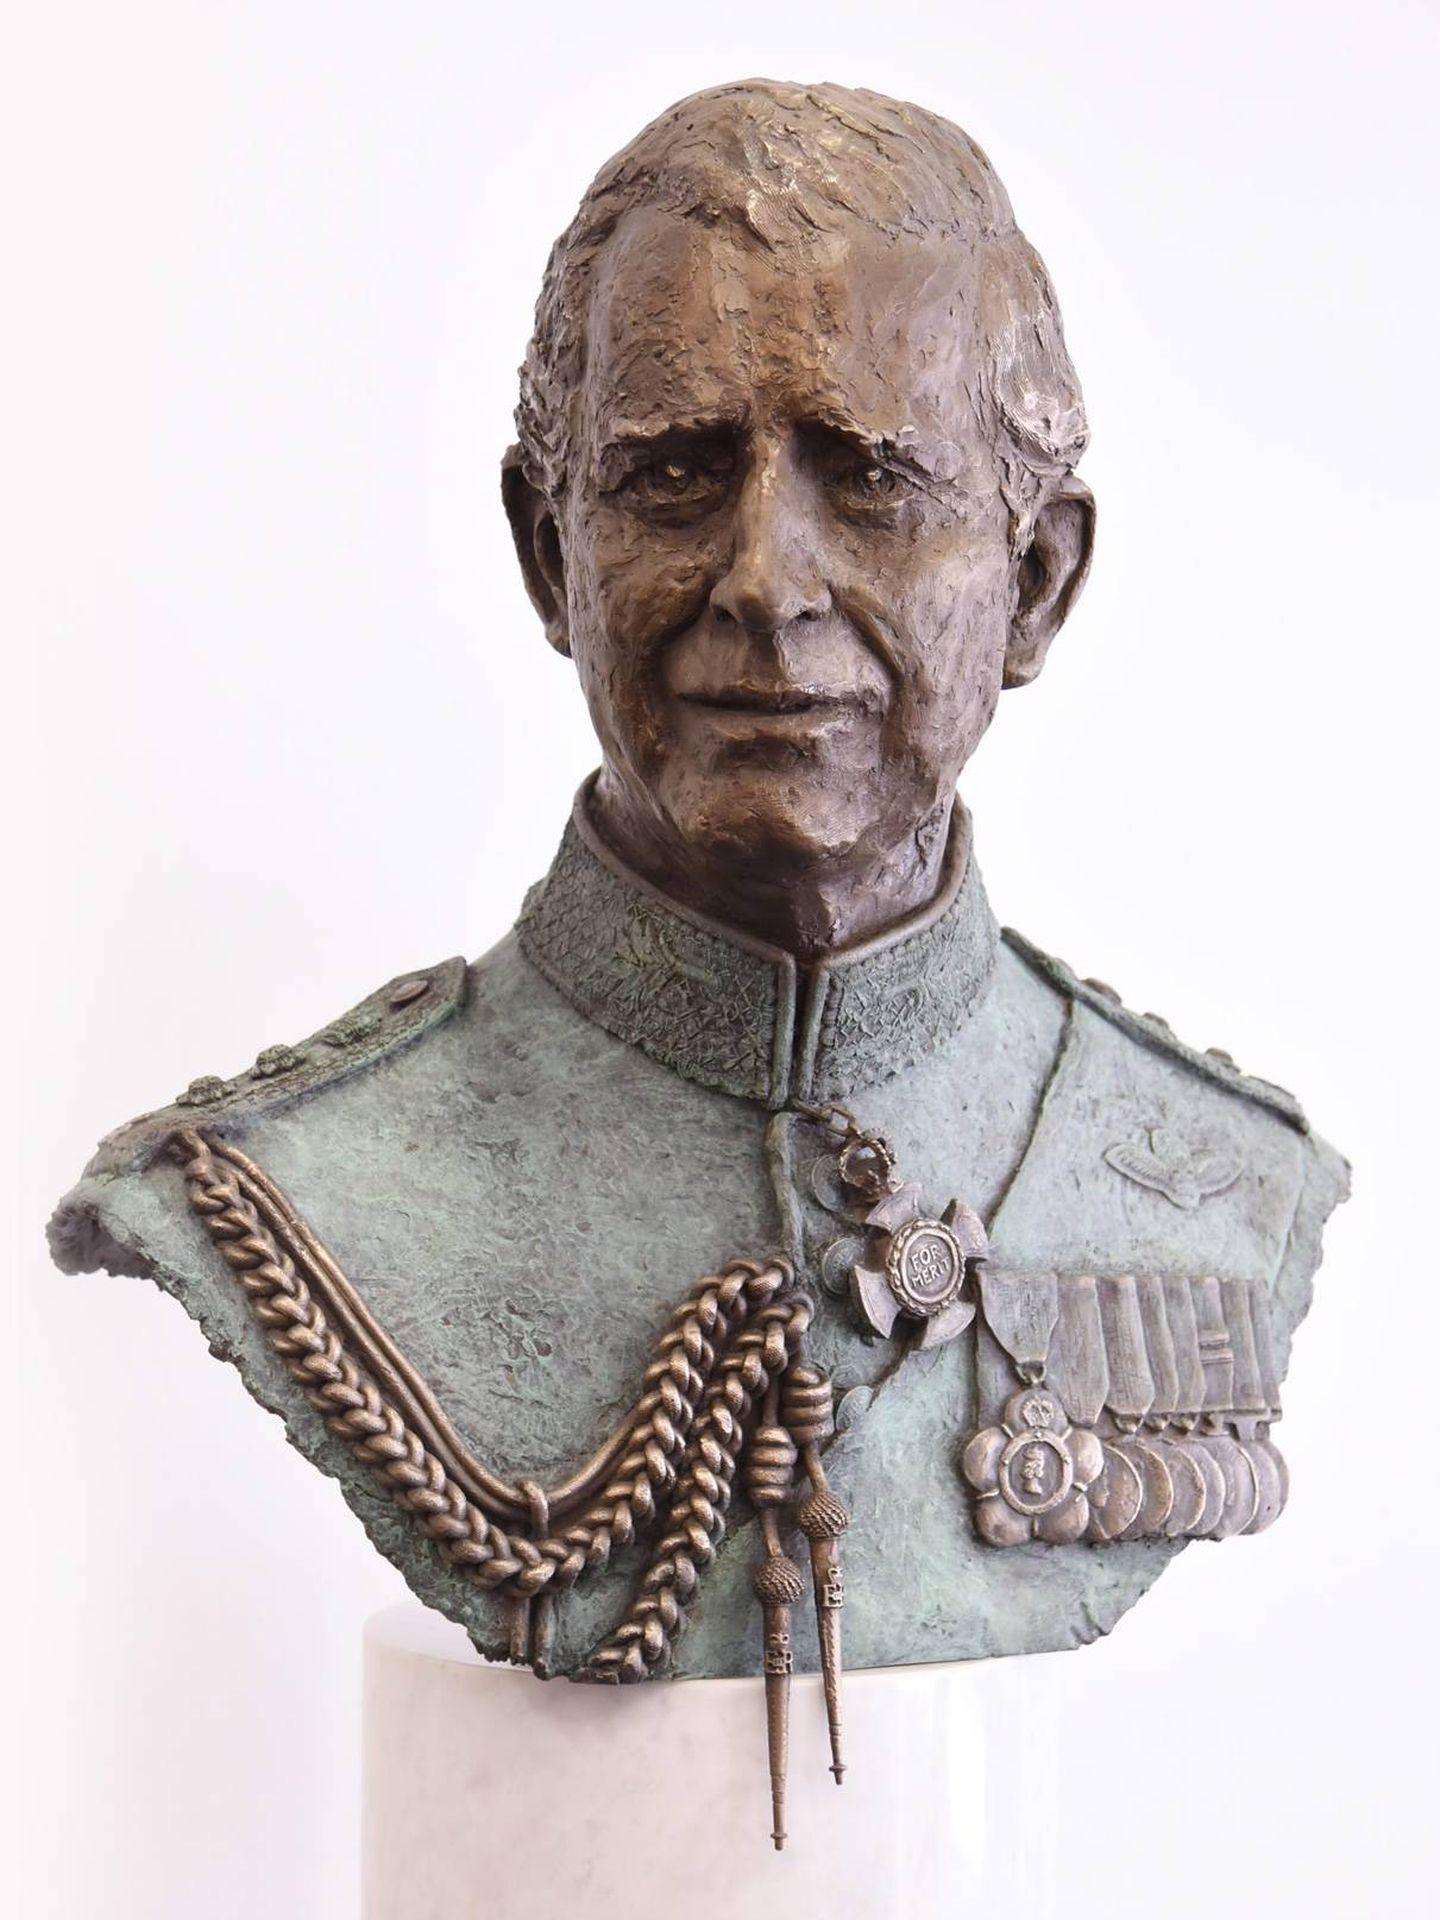 Busto del príncipe Carlos de Inglaterra esculpido por Frances Segelman. (Cortesía)